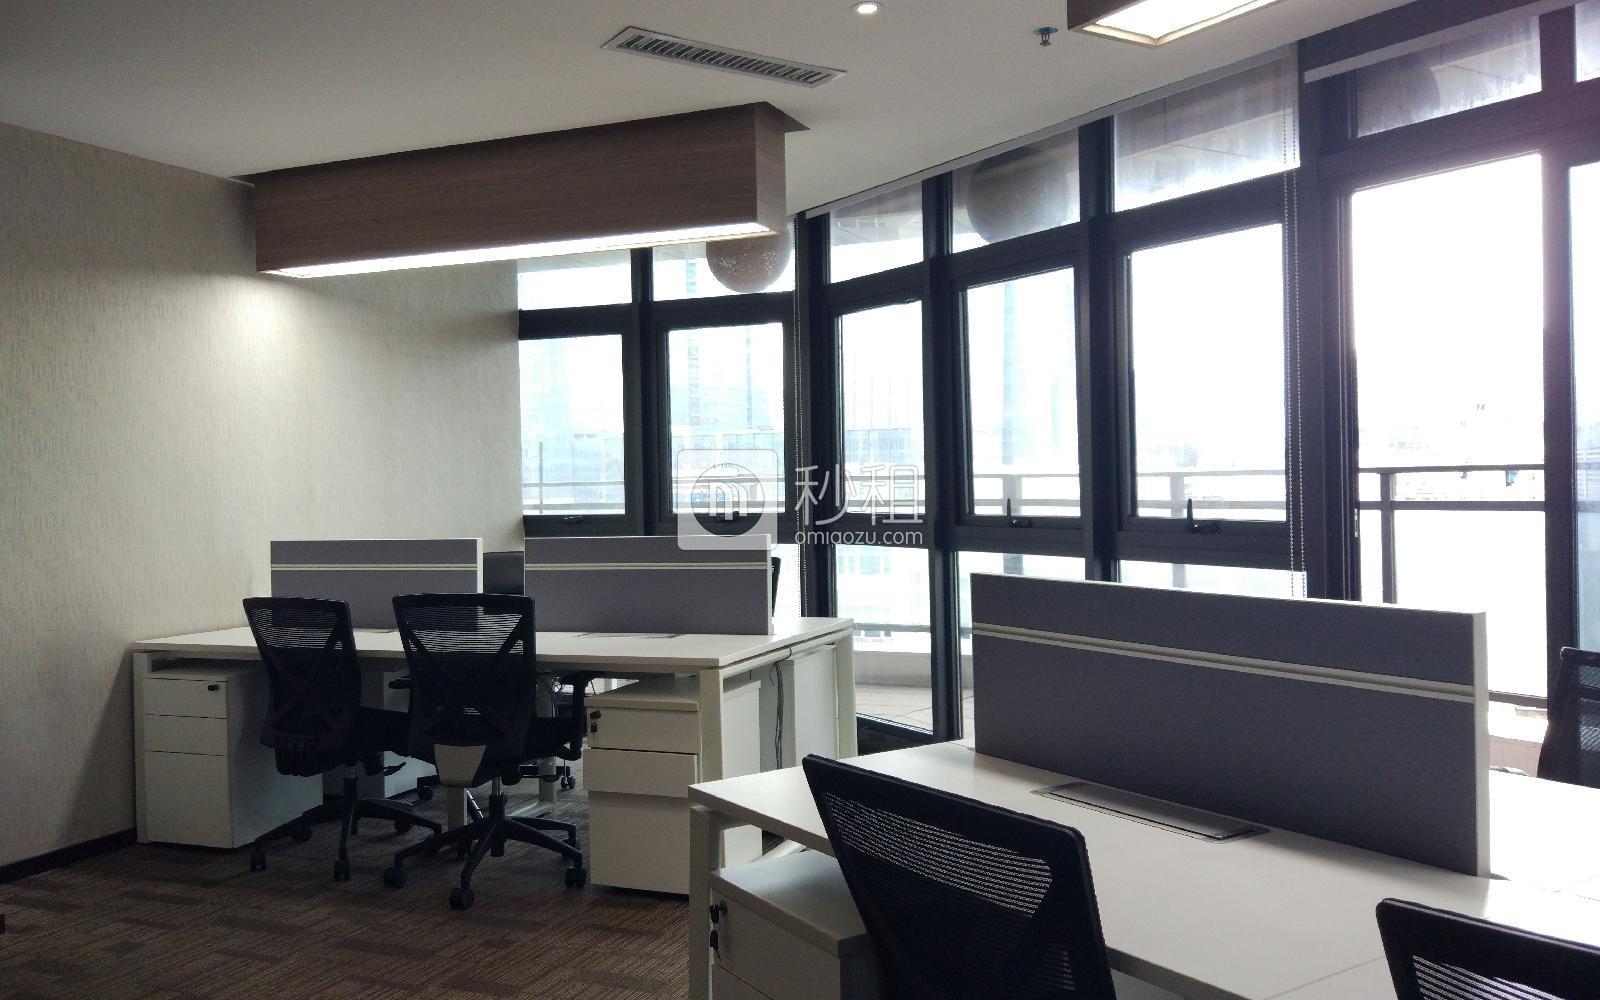 丽雅查尔顿广场-锦会写字楼出租88平米精装办公室22000元/间.月